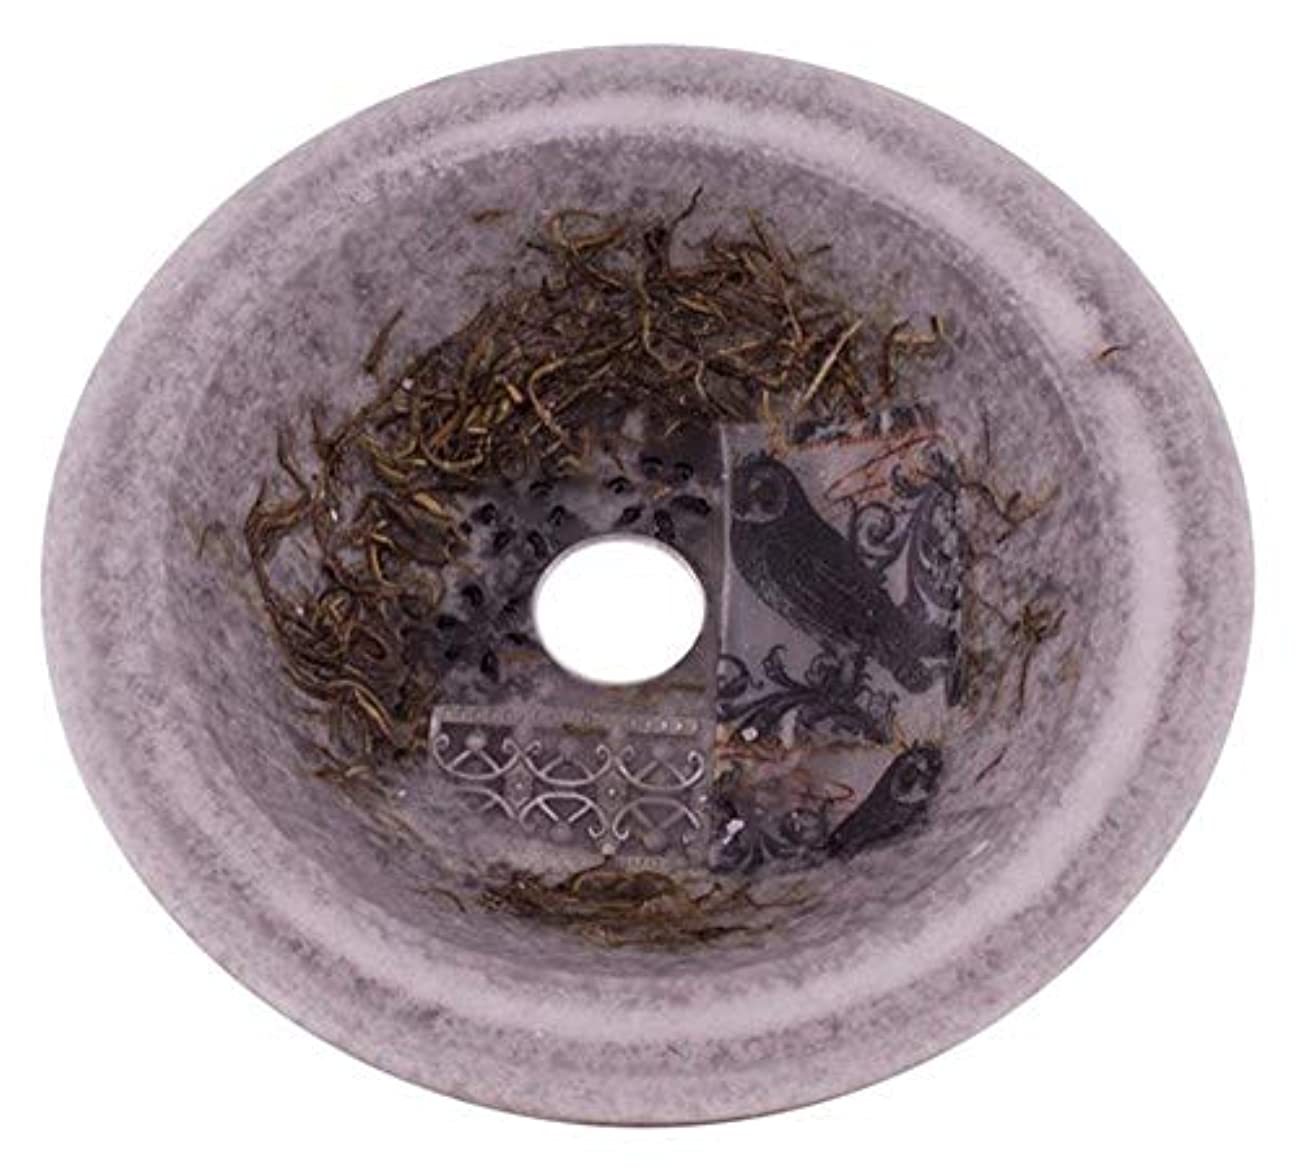 曲げる委員長超えてHabershamキャンドルMoonlight At Midnightワックス陶器Home Fragrance 5.5